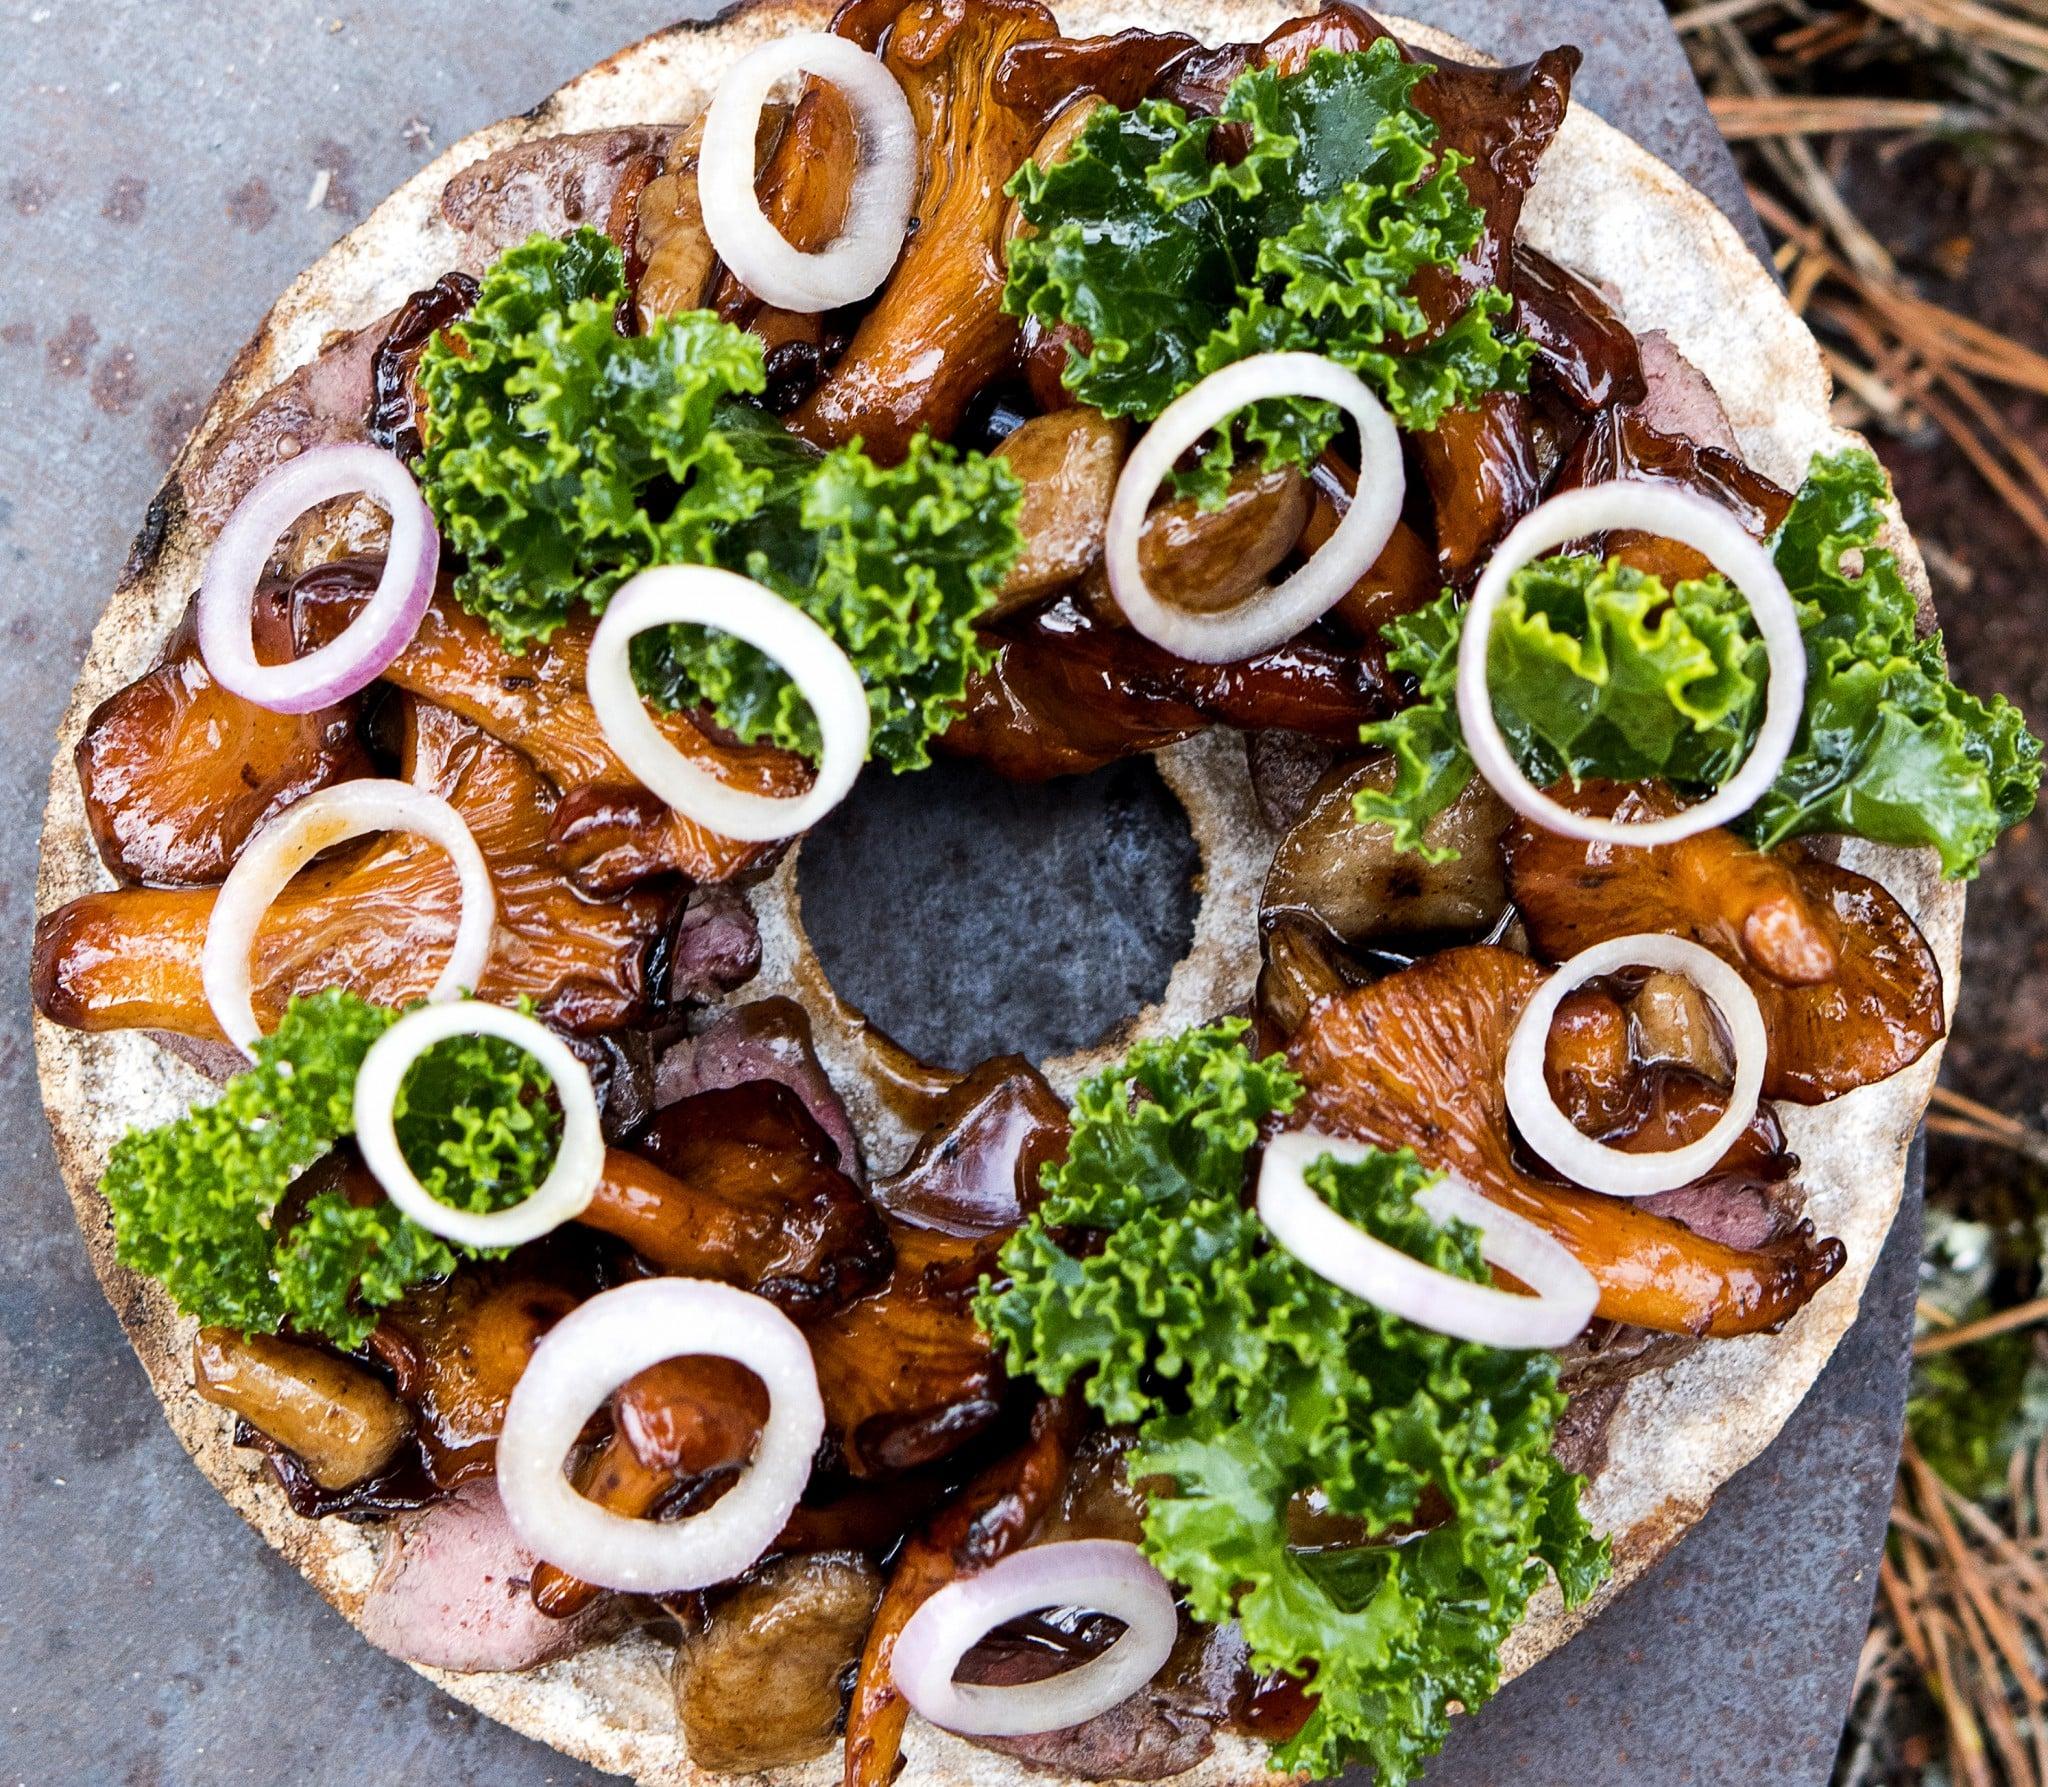 Halstrad lever på knäckebröd med sherrysvamp och grönkål. Foto: Lena Runer